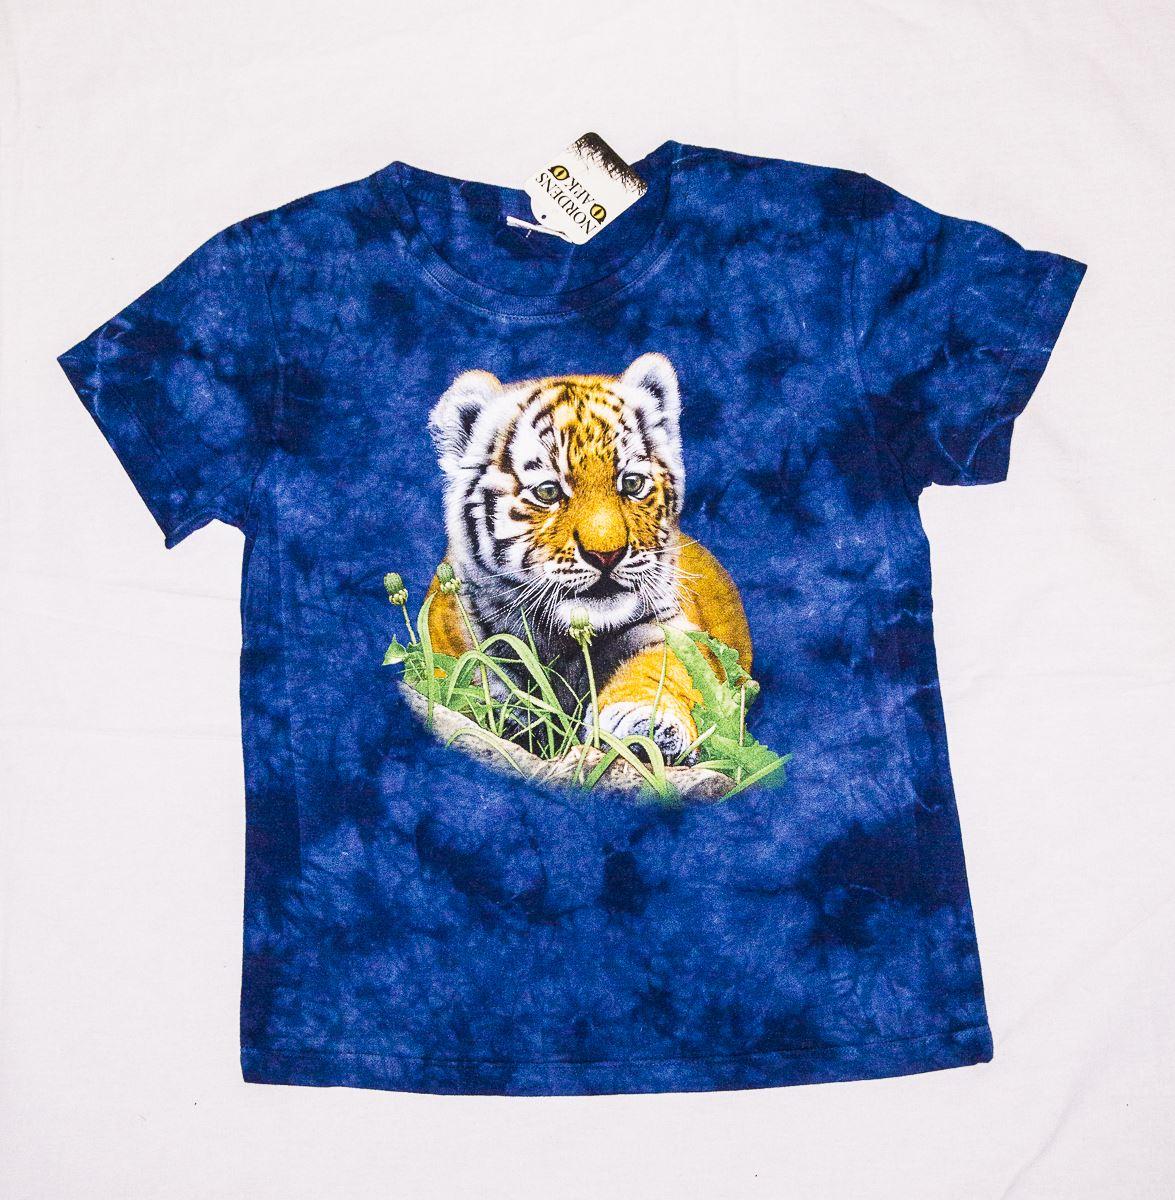 T-shirt blå amurtiger, 110 - 116 cl